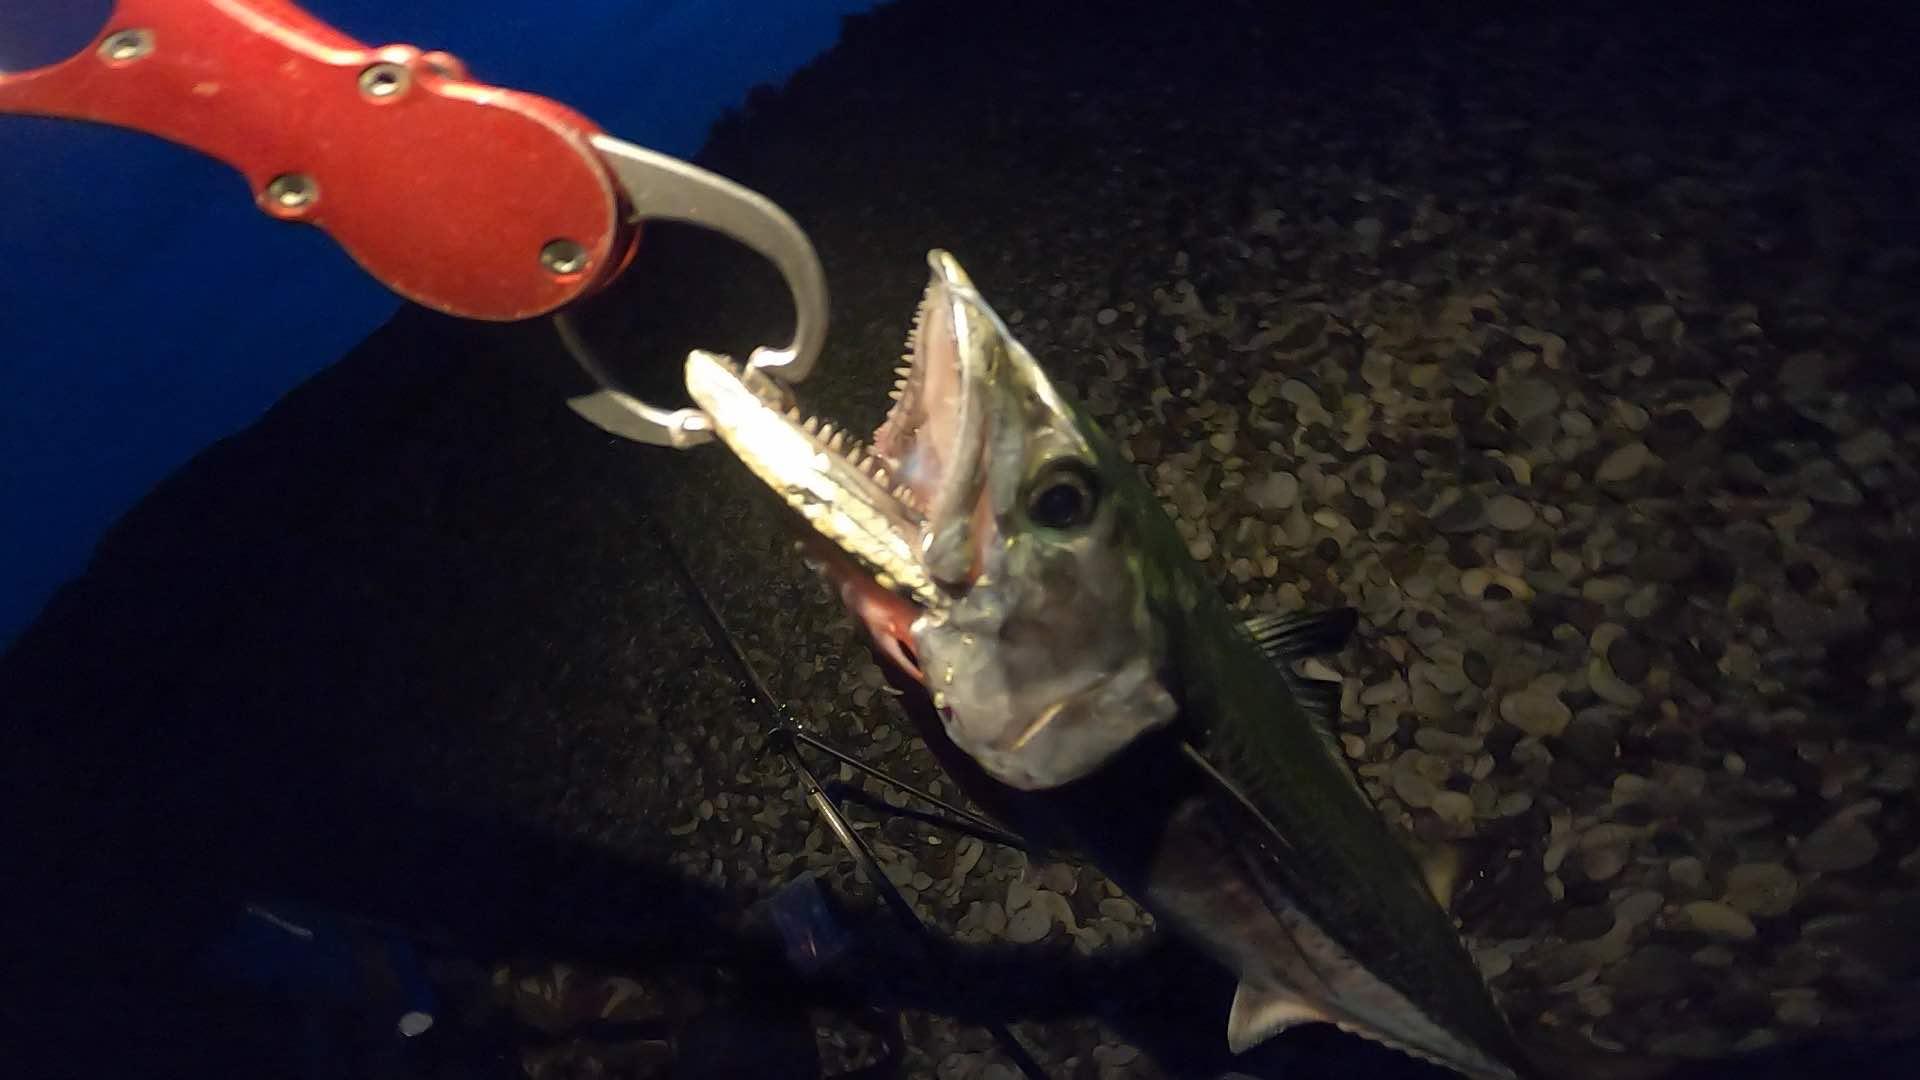 和歌山 煙樹ケ浜 ショアジギングで青物を釣りました